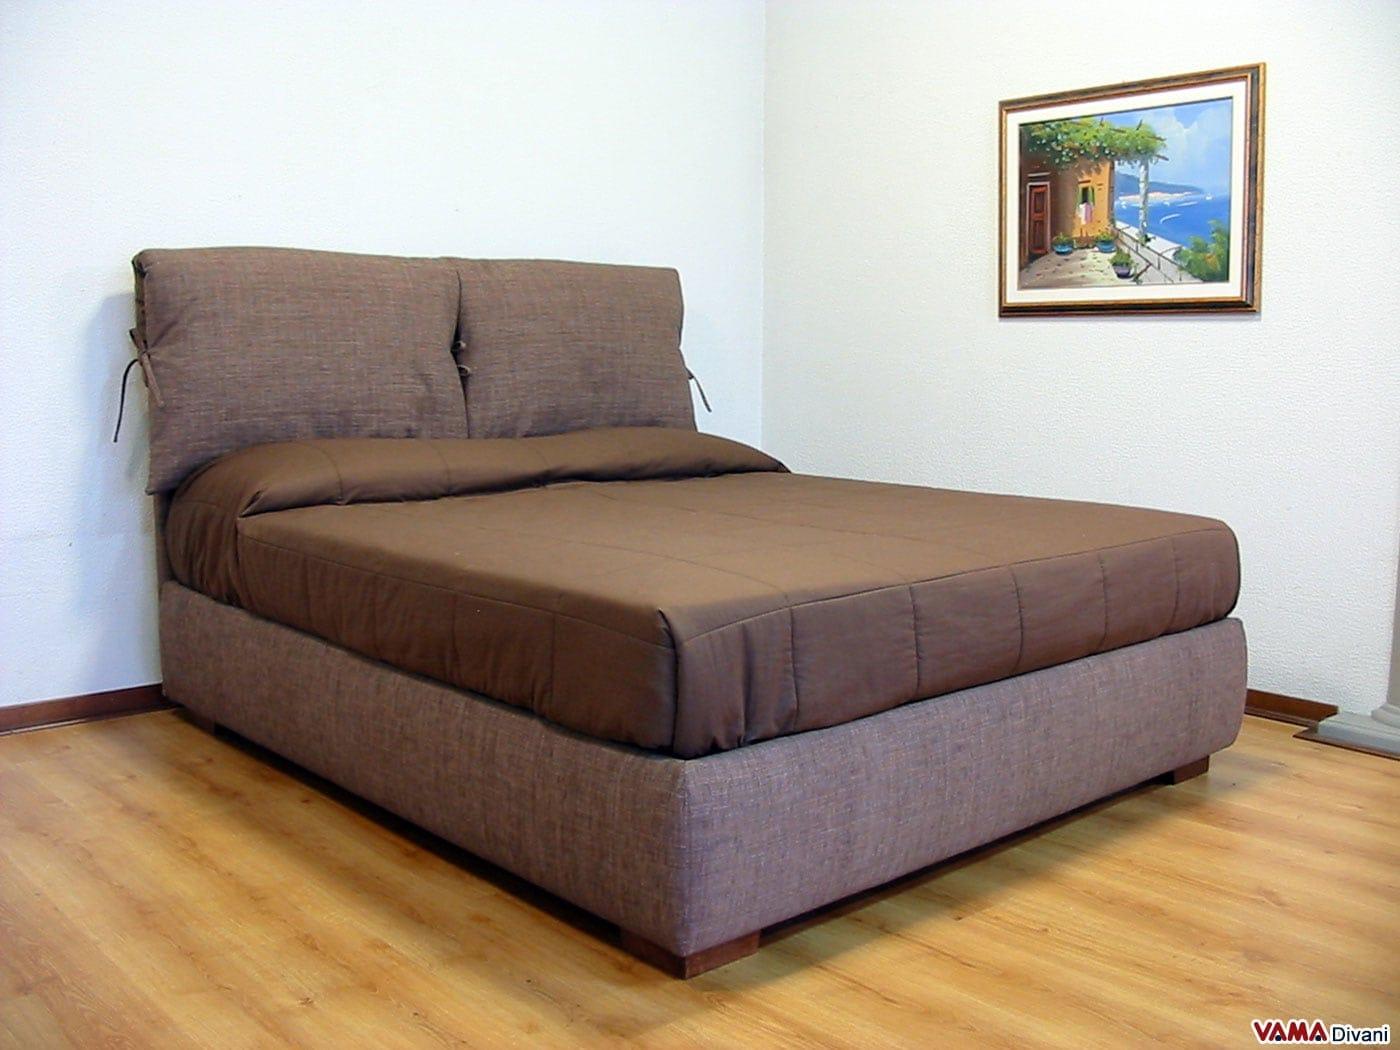 Ikea letti con contenitore letti ikea una piazza e mezzo - Ikea letto singolo con contenitore ...